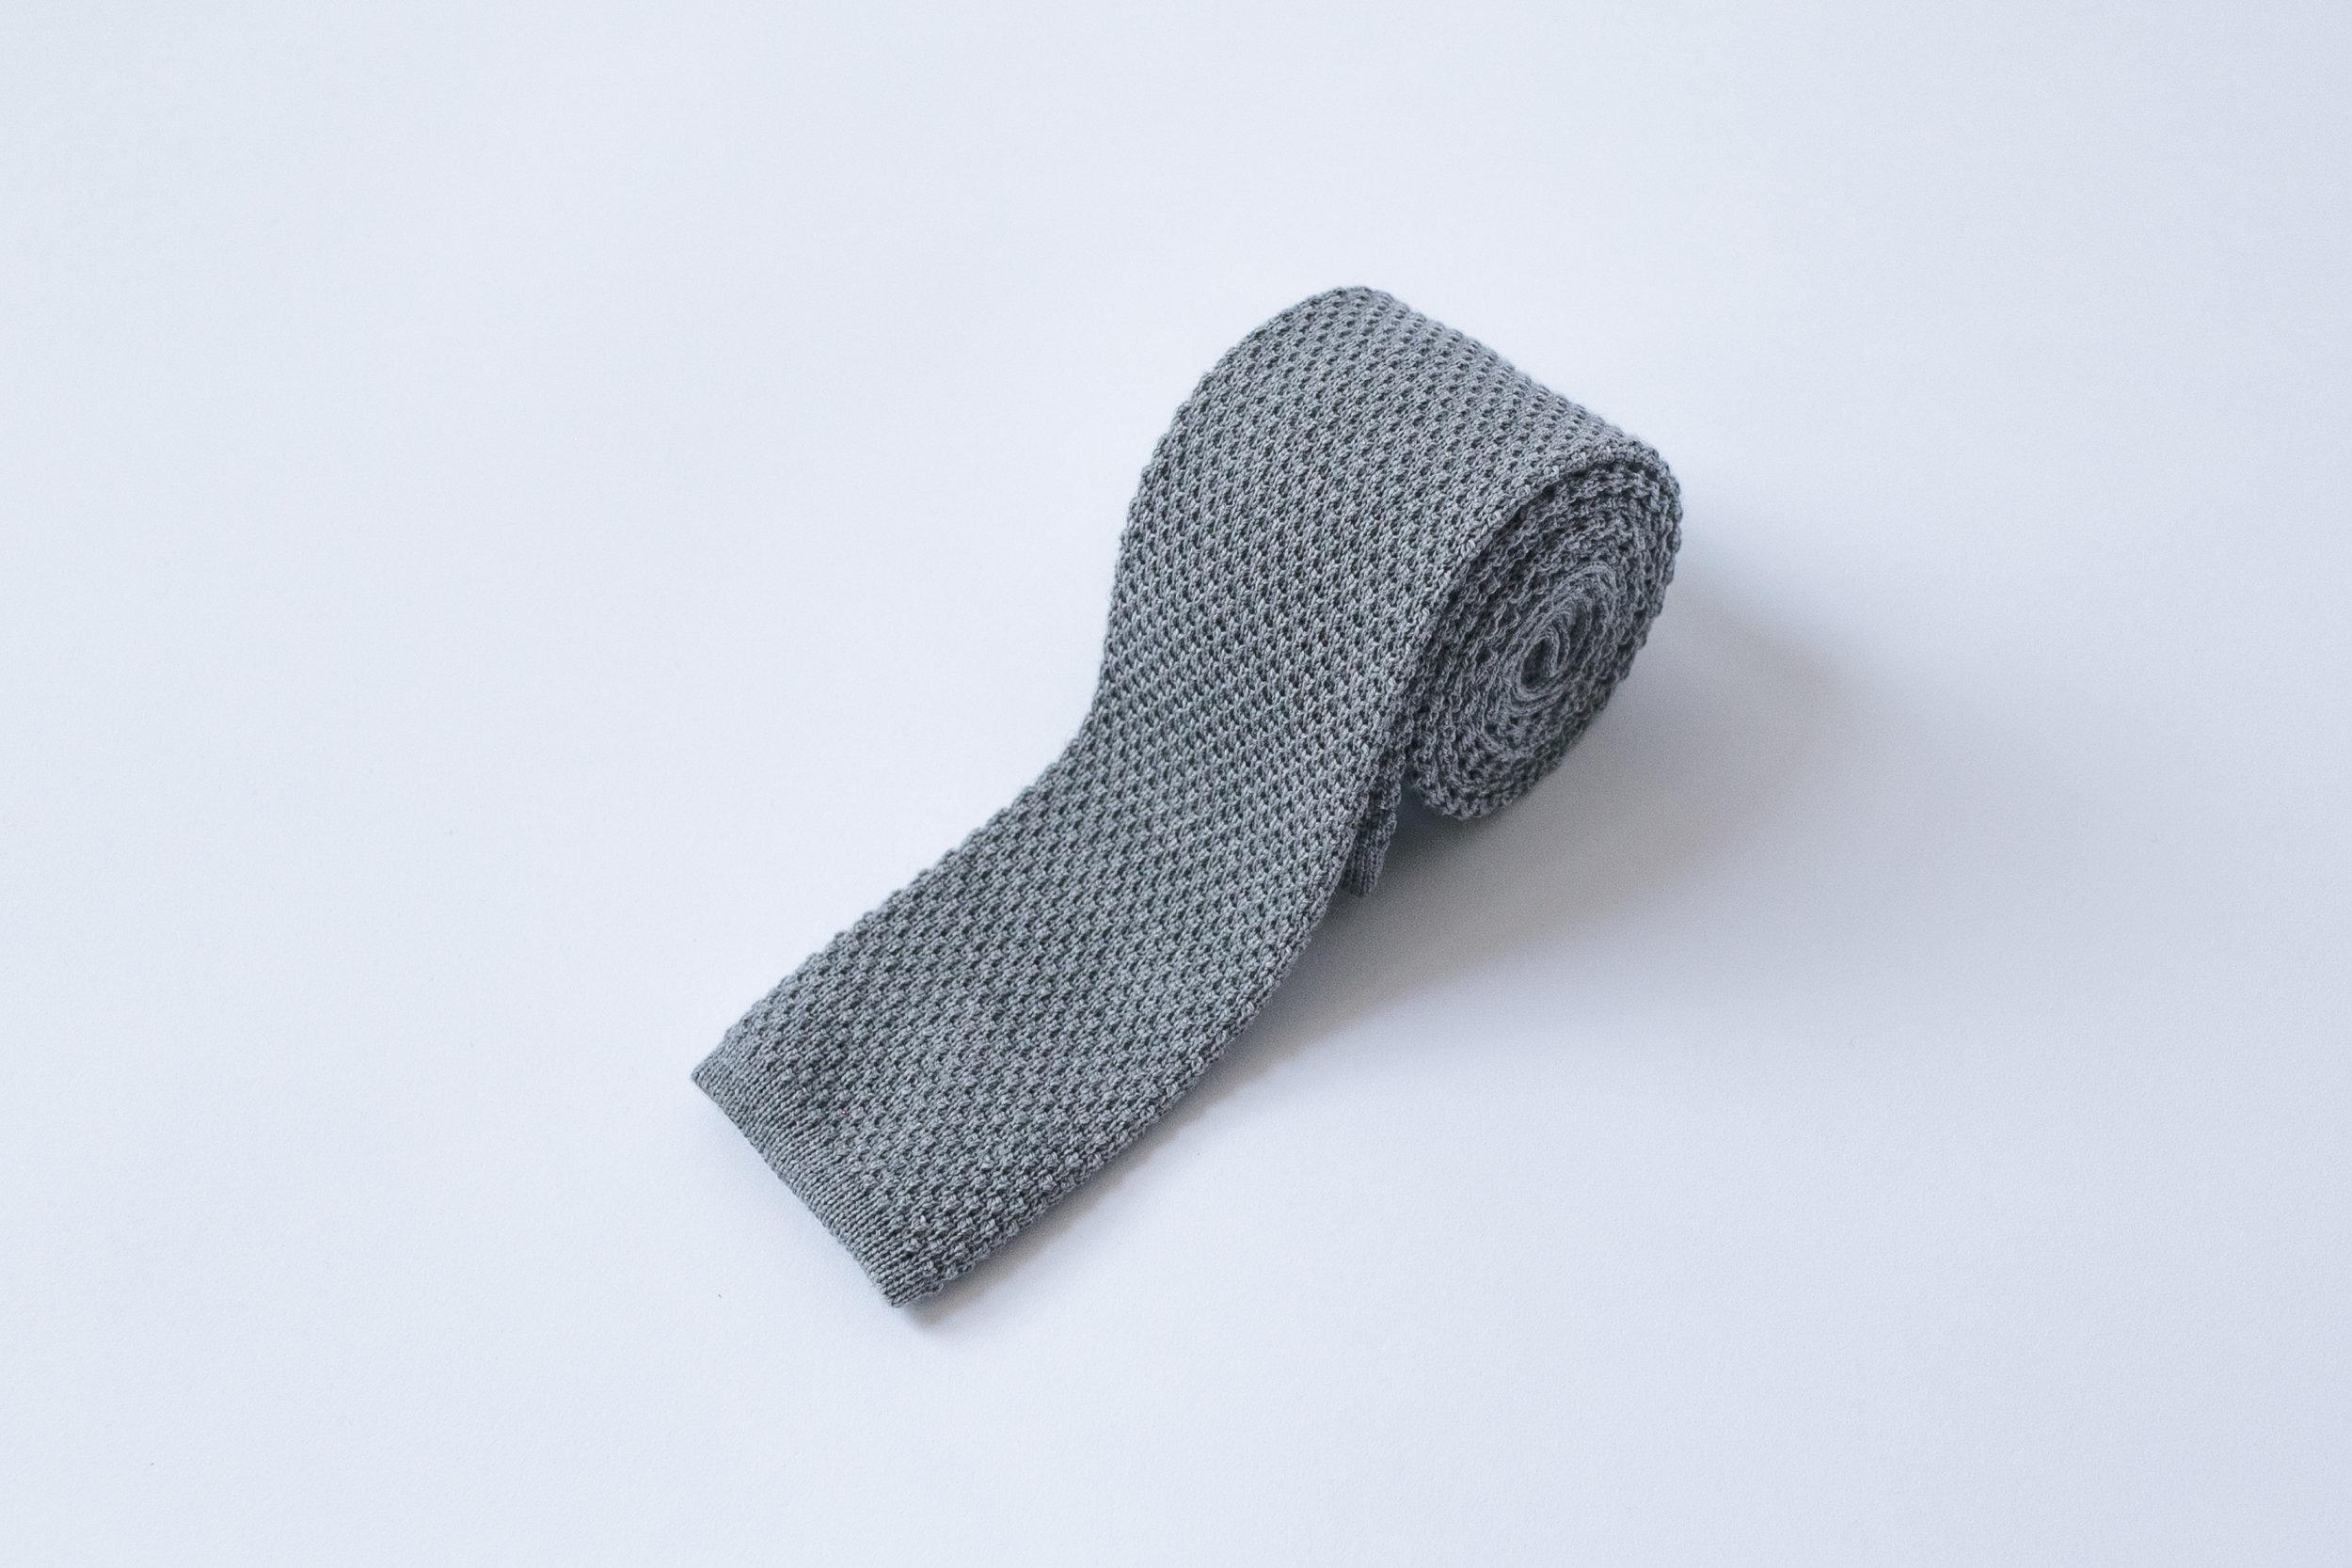 tie product shots (52 of 71).jpg